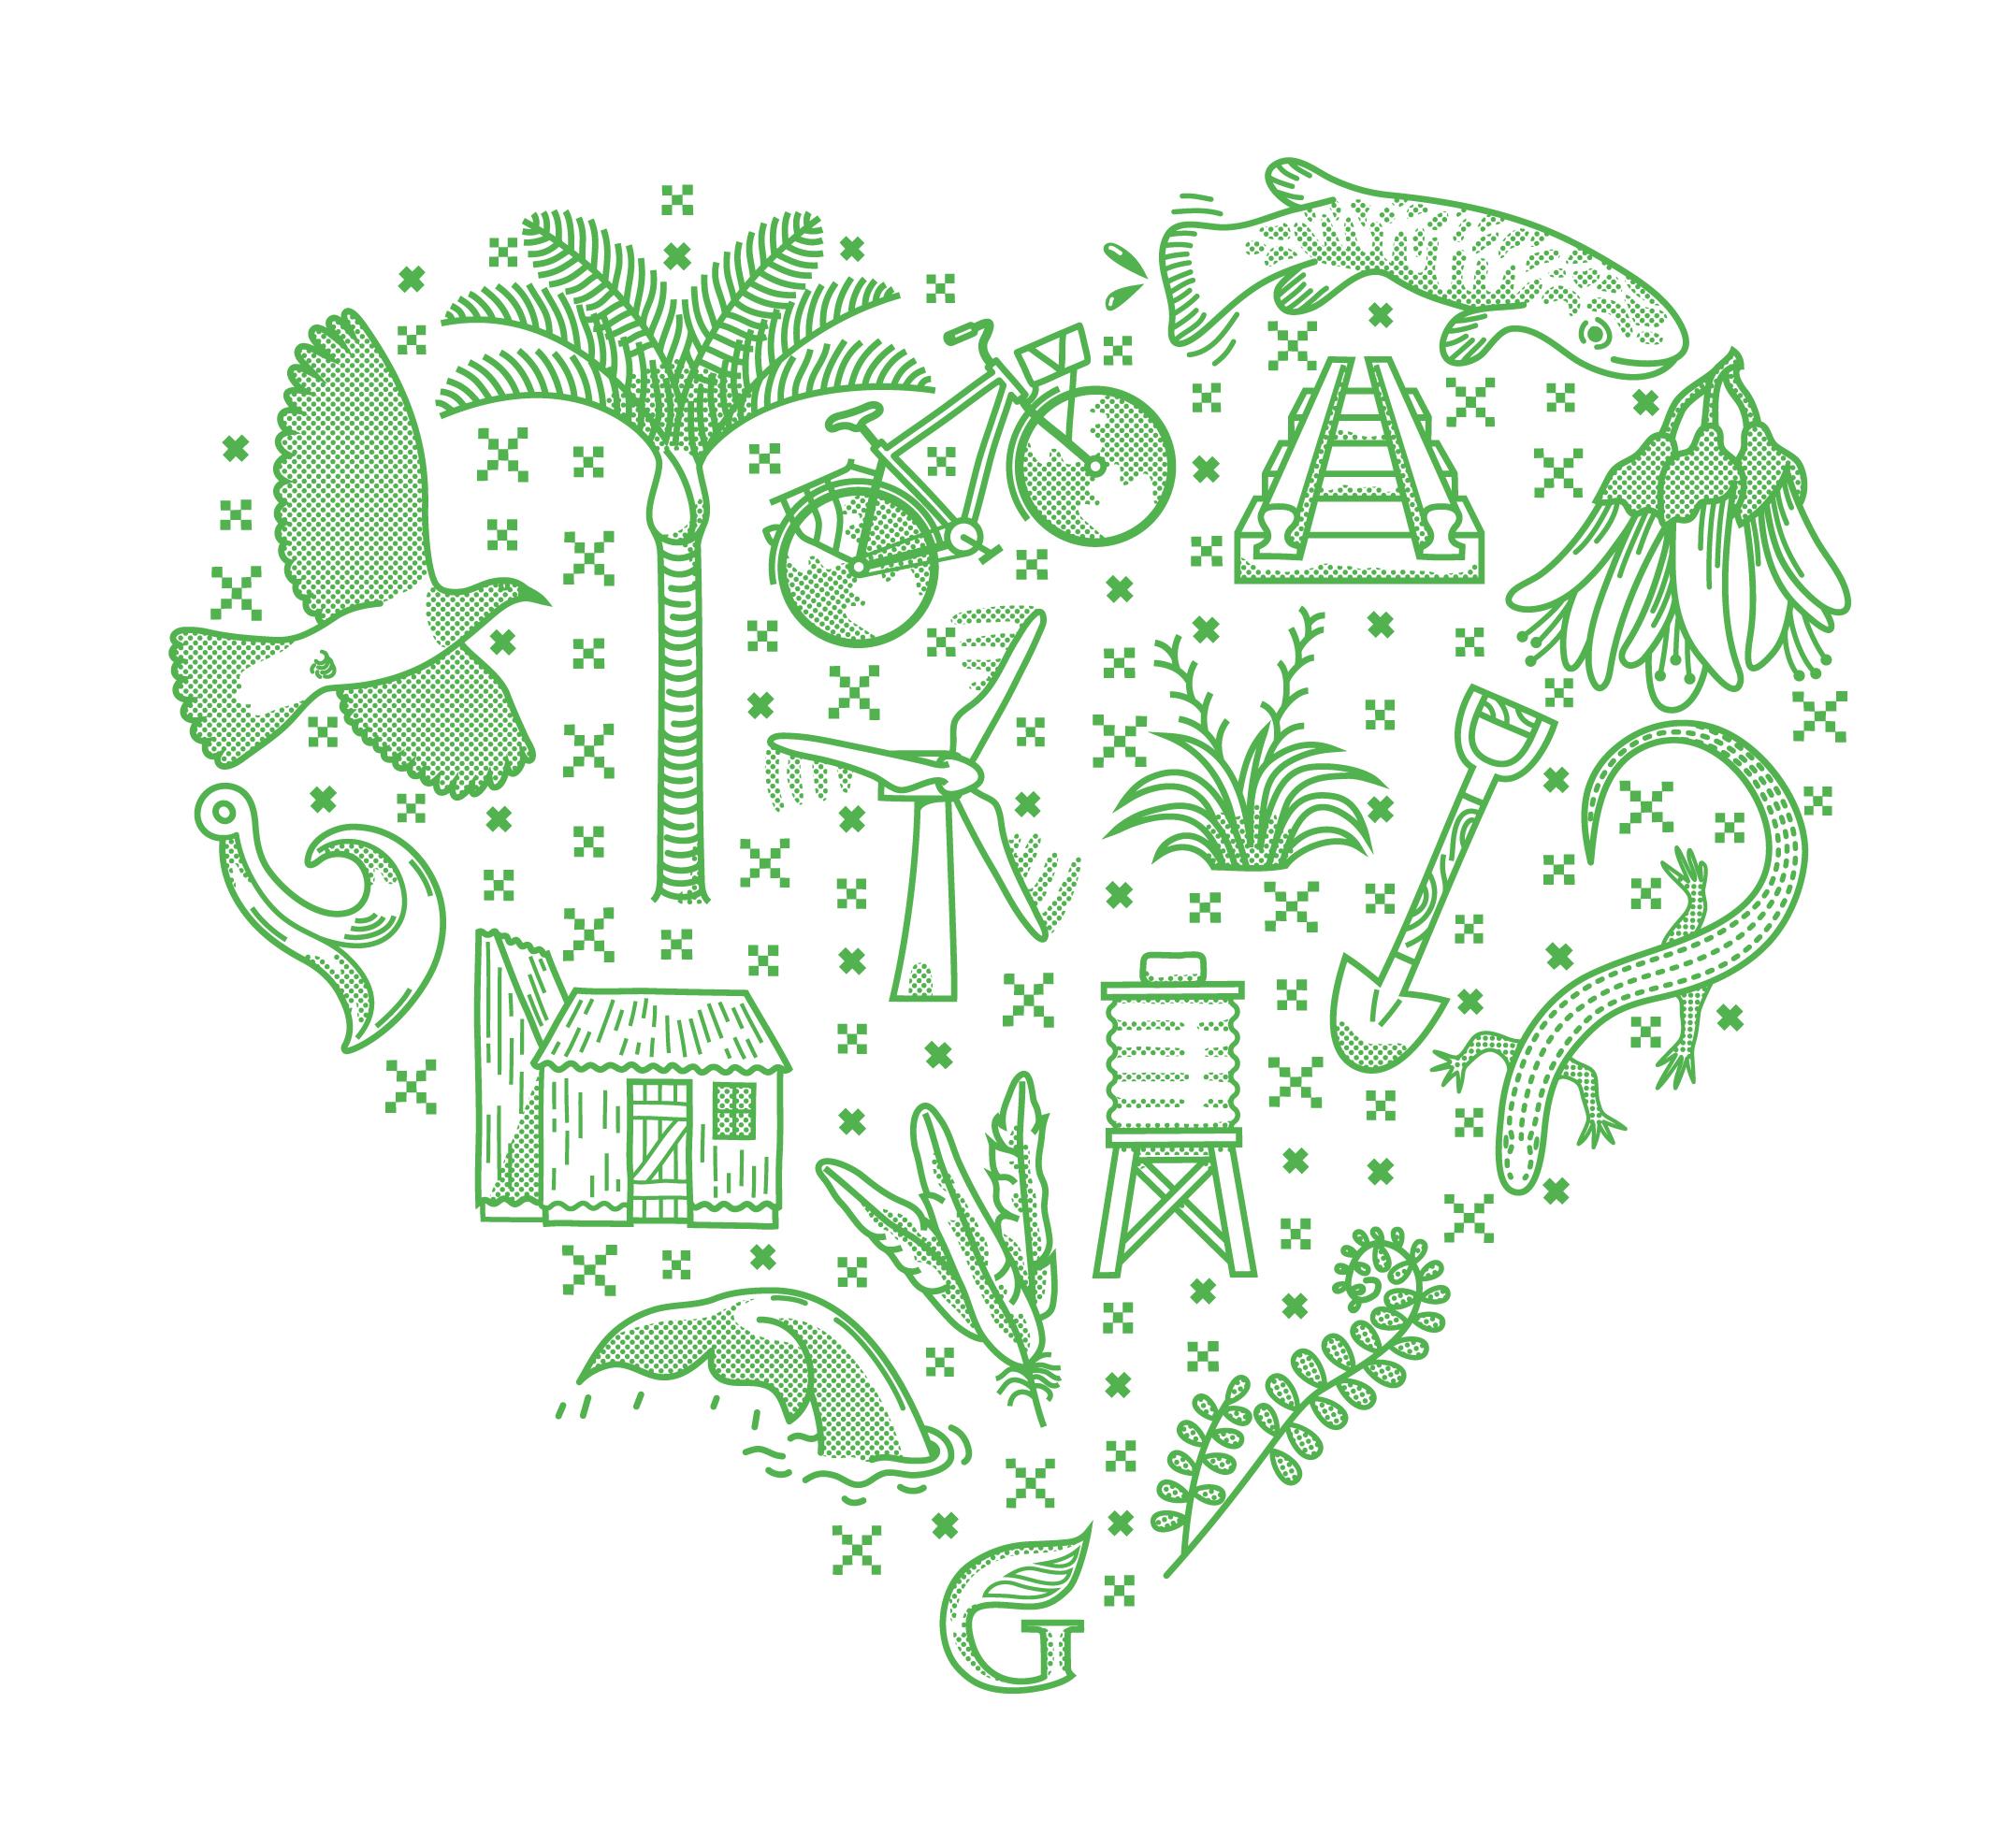 heart green party - final - big dots.jpg